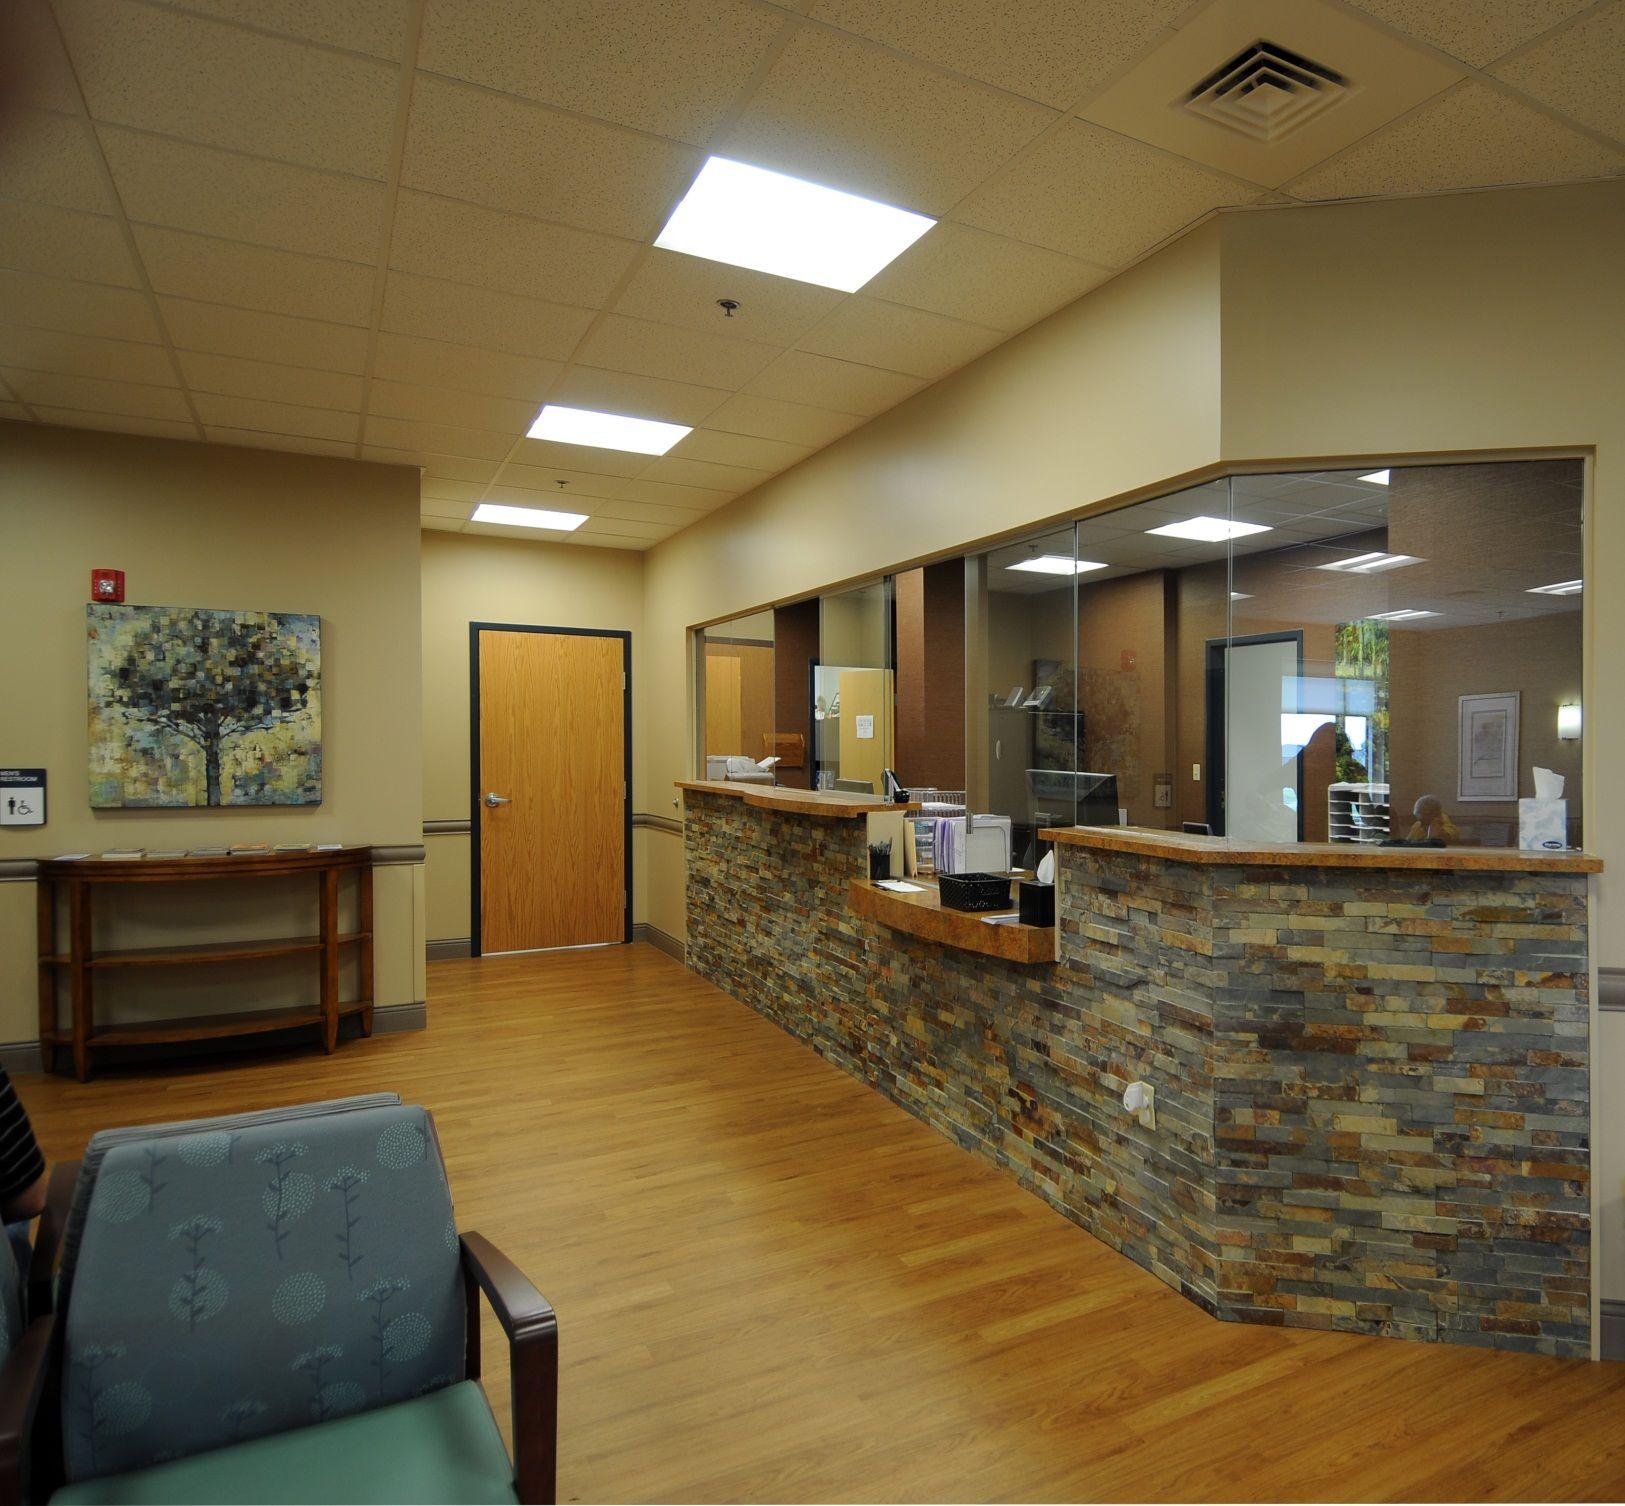 medical office broker find medical space plantation fort medical office broker find medical space plantation fort lauderdale boynton